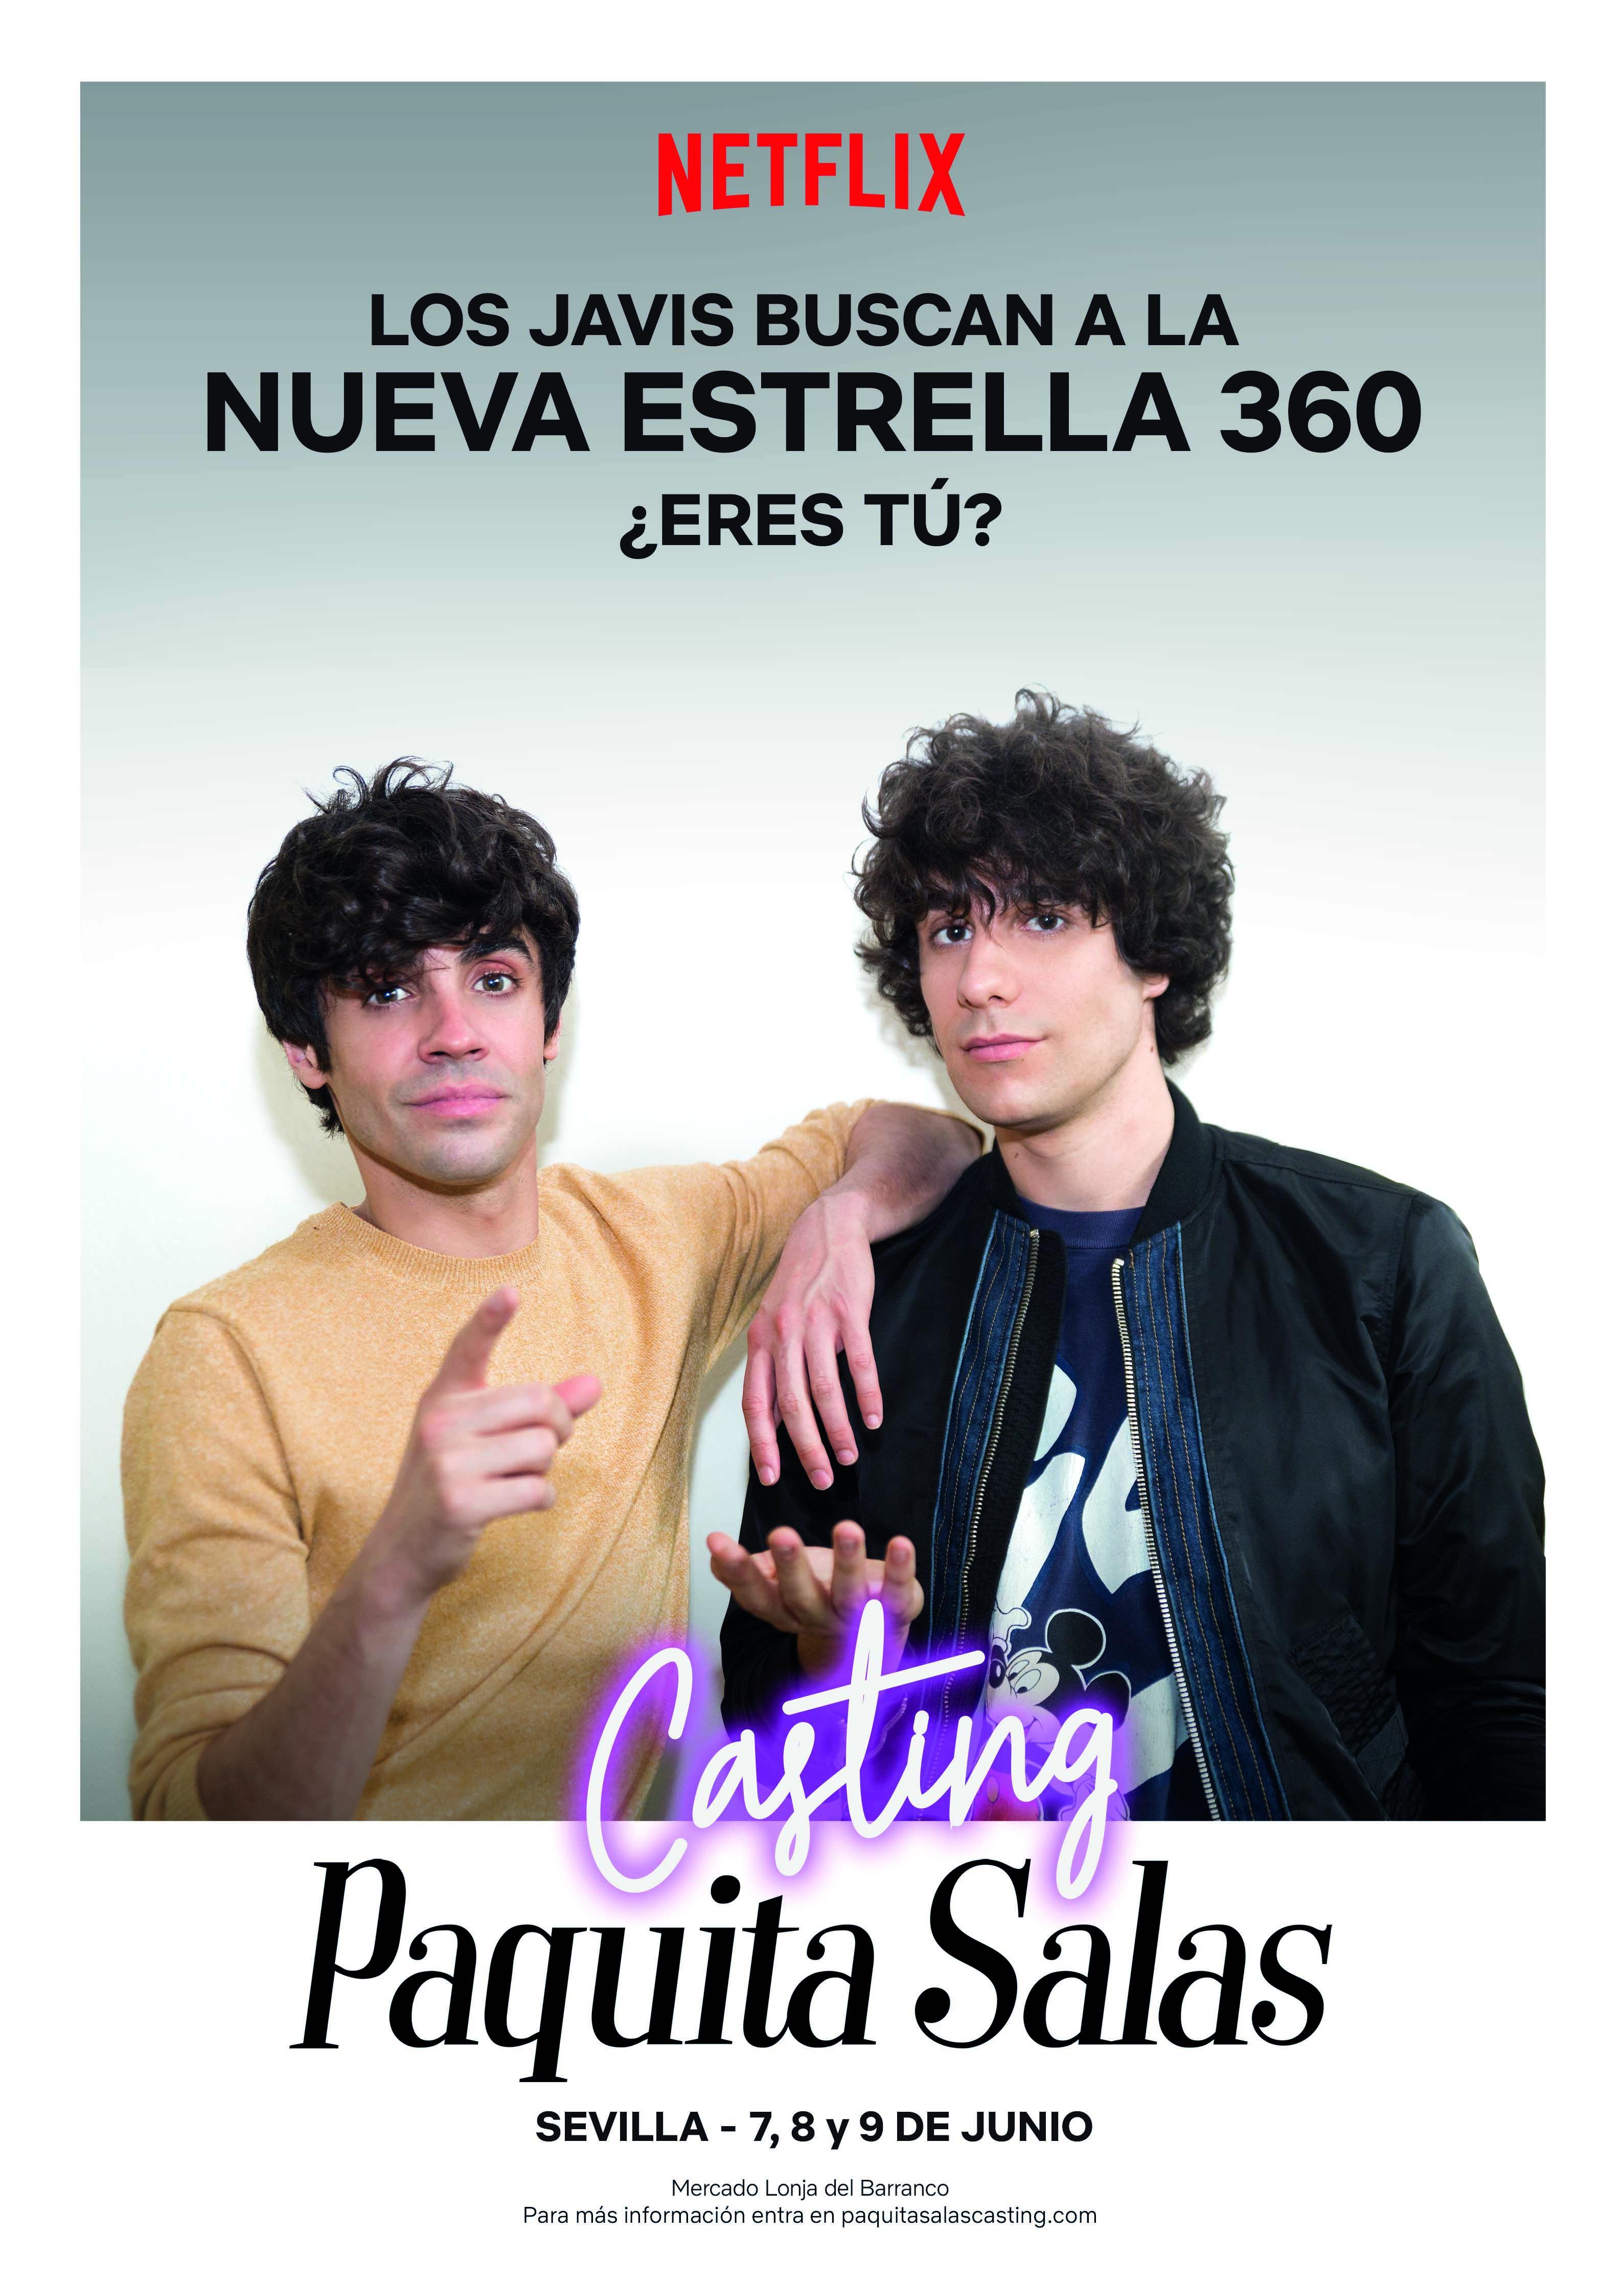 Casting Paquita Salas